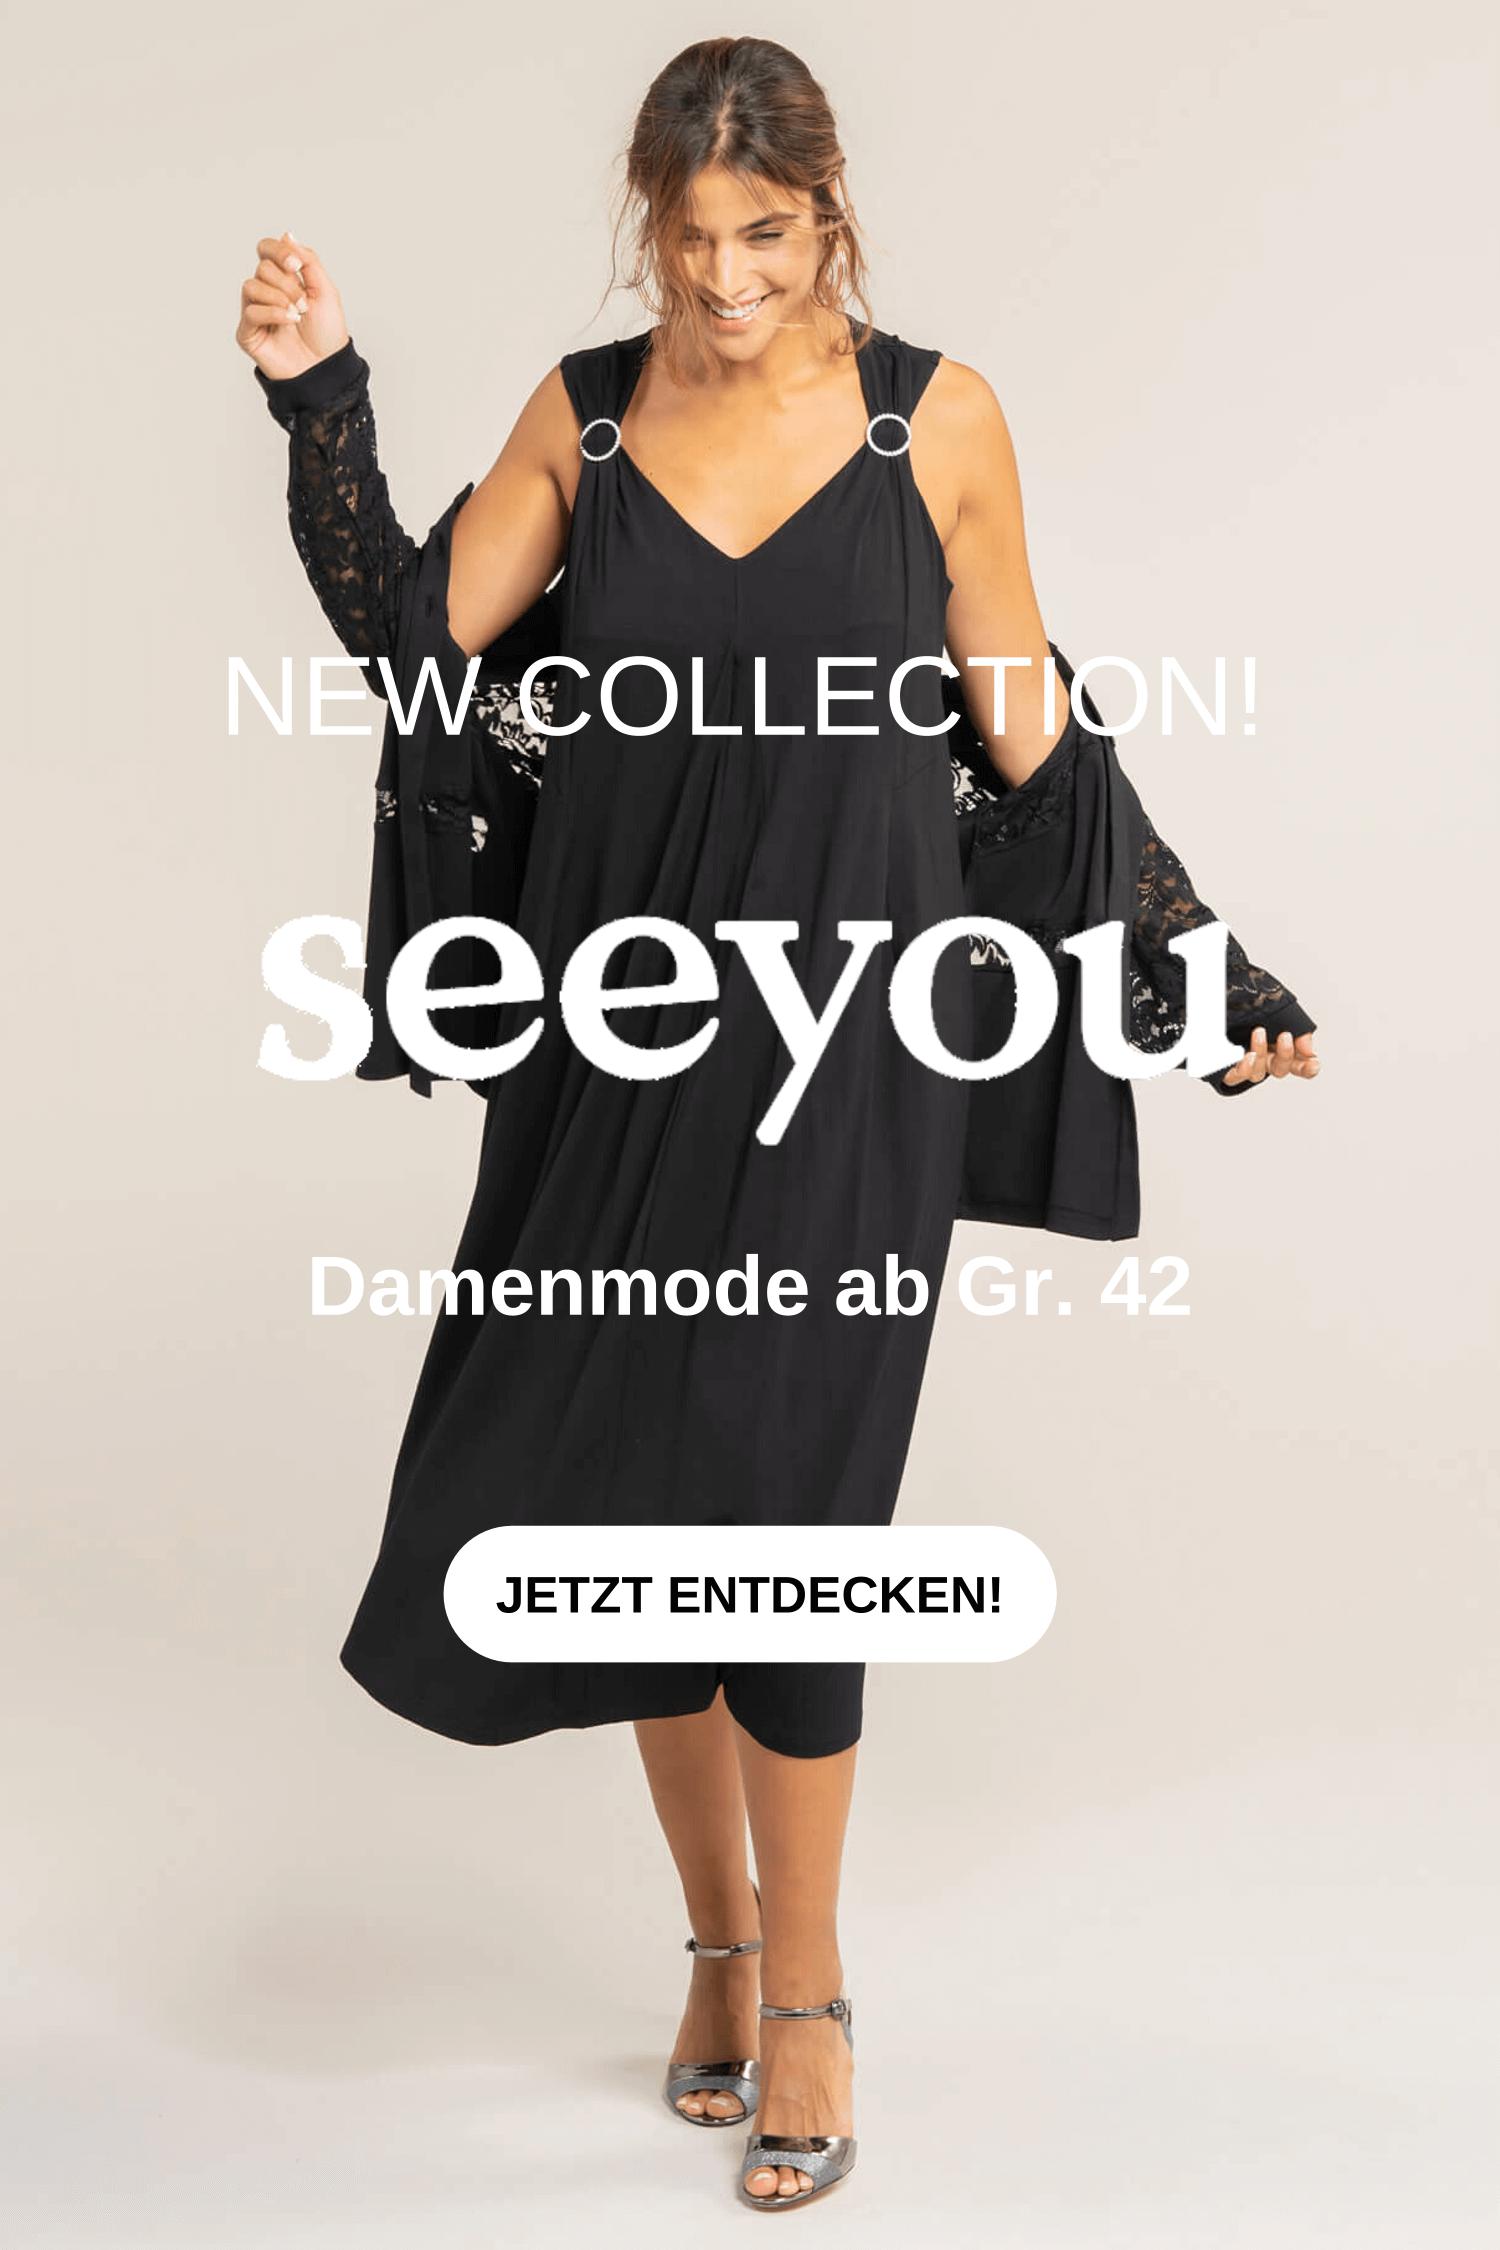 Die Neue Kollektion Von Seeyou Ist Da Und Fasziniert Mit Spannenden Prints Eleganten Classics Und Traumhaften Schnitten Jetzt Onli In 2020 Mode Damen Mode Damenmode